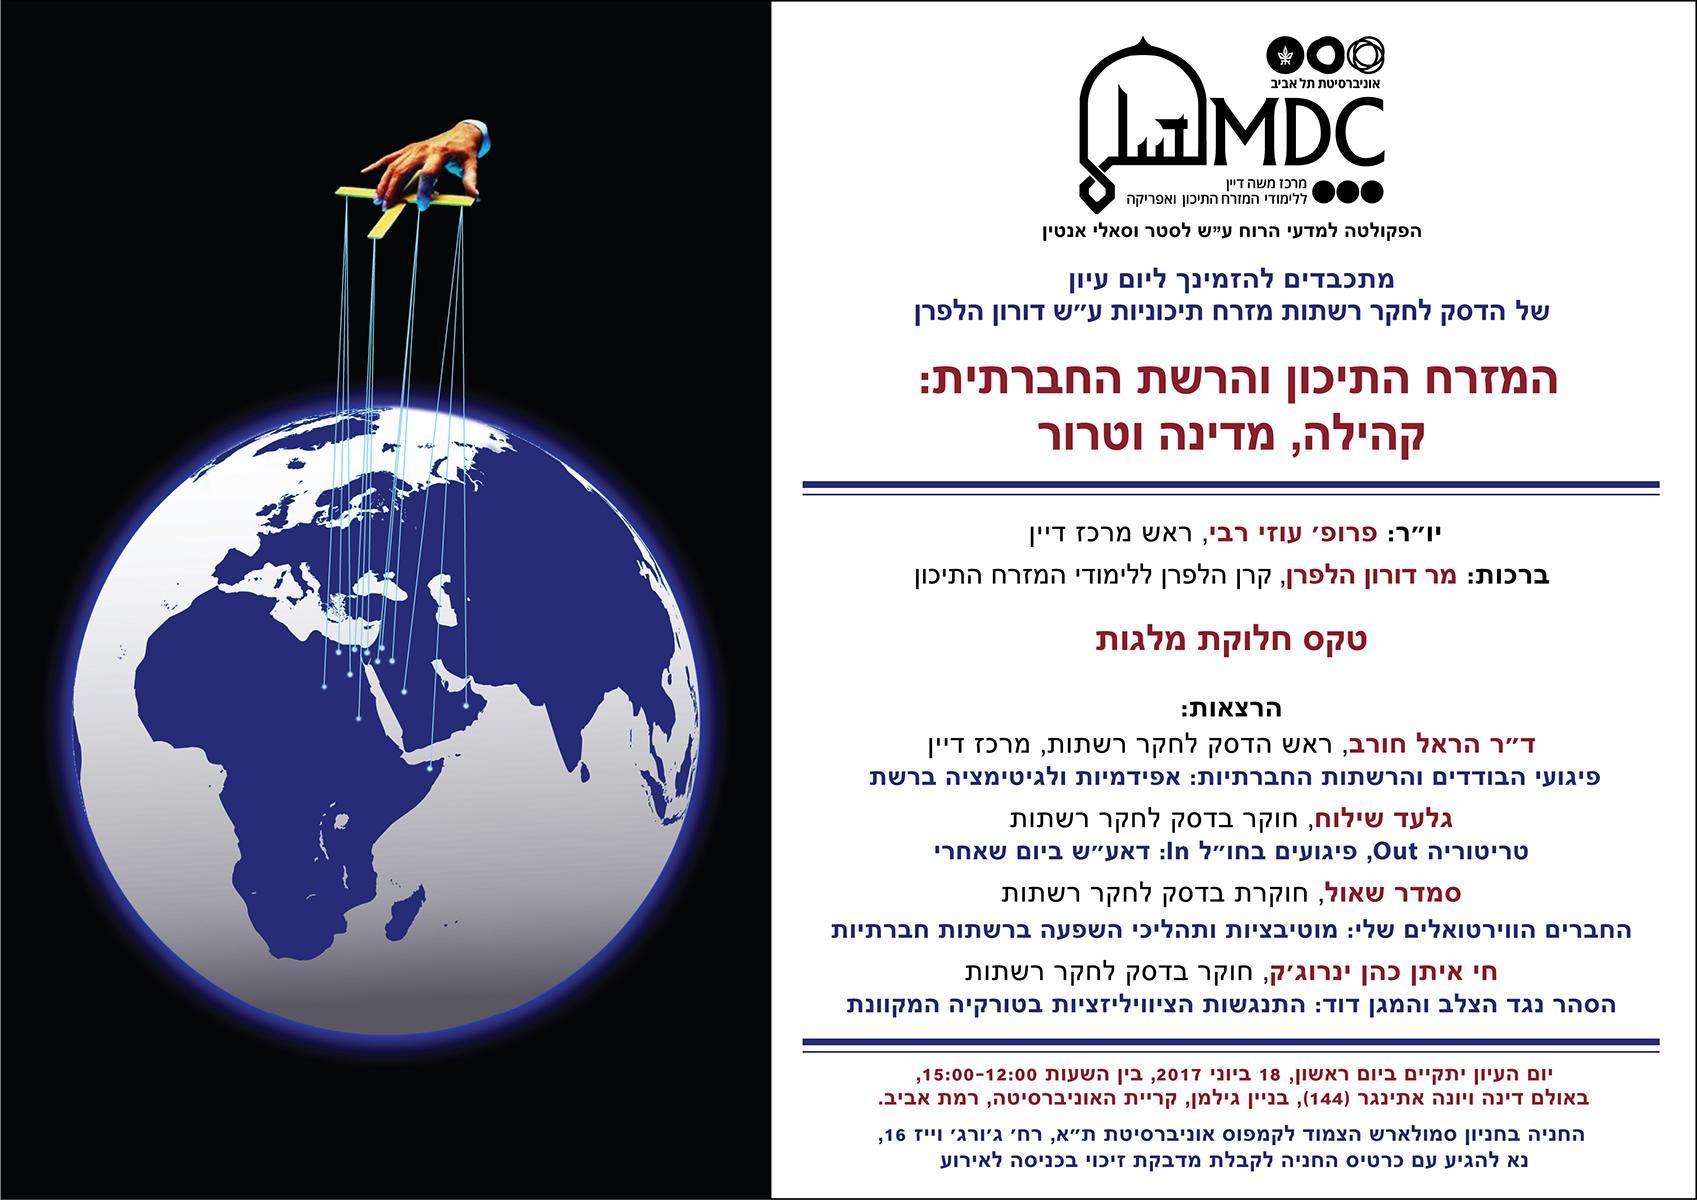 Invitation for the MENAD event, 18.6.17